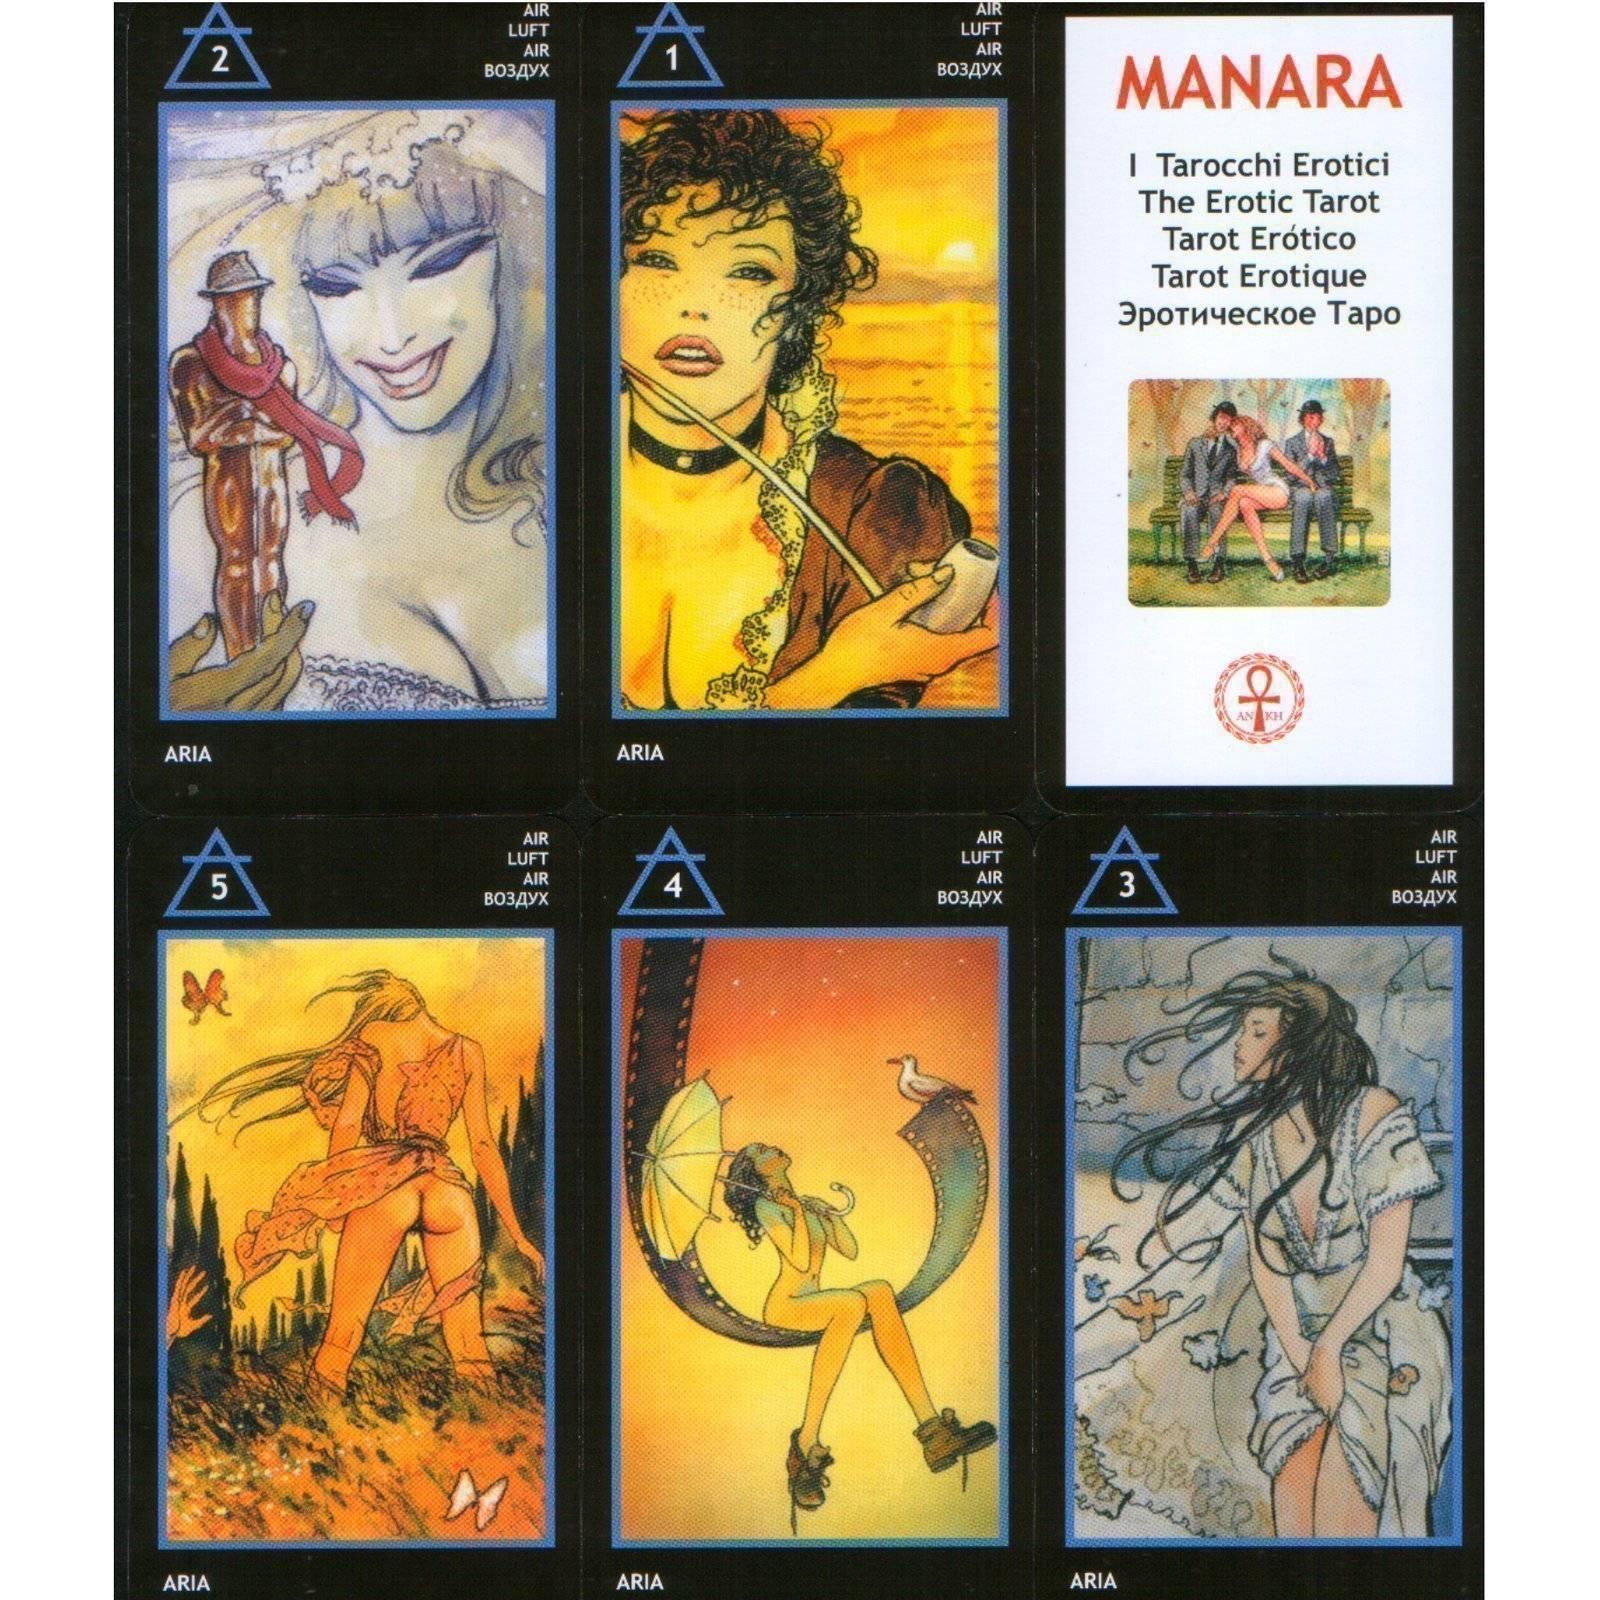 Зеркало таро манара: общее значение в отношениях, толкование аркана